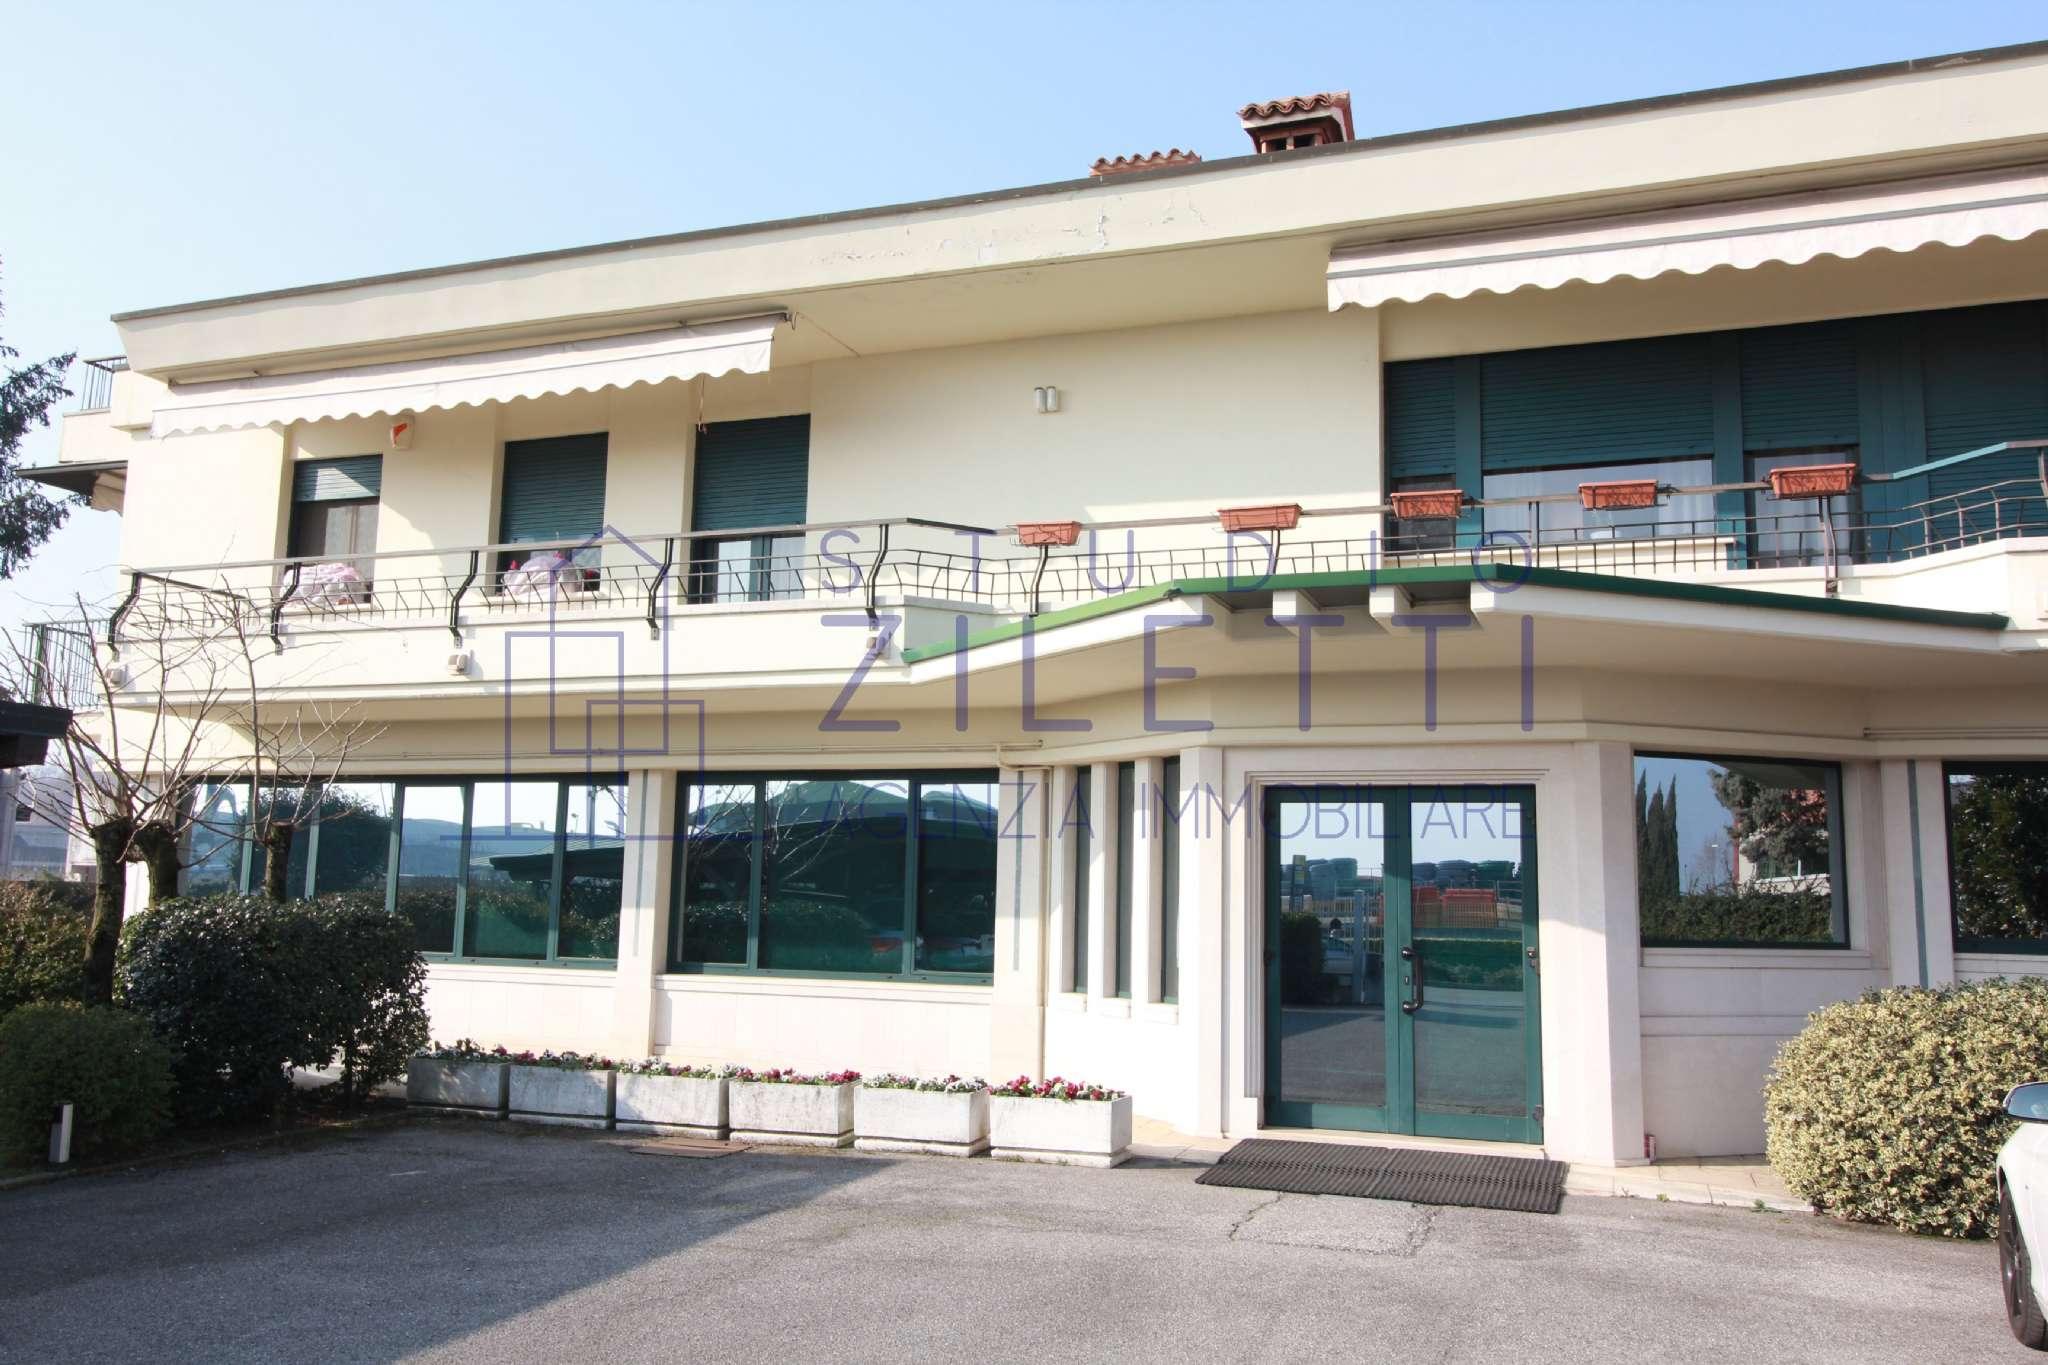 Capannone in vendita a Montichiari, 9999 locali, prezzo € 2.300.000 | PortaleAgenzieImmobiliari.it